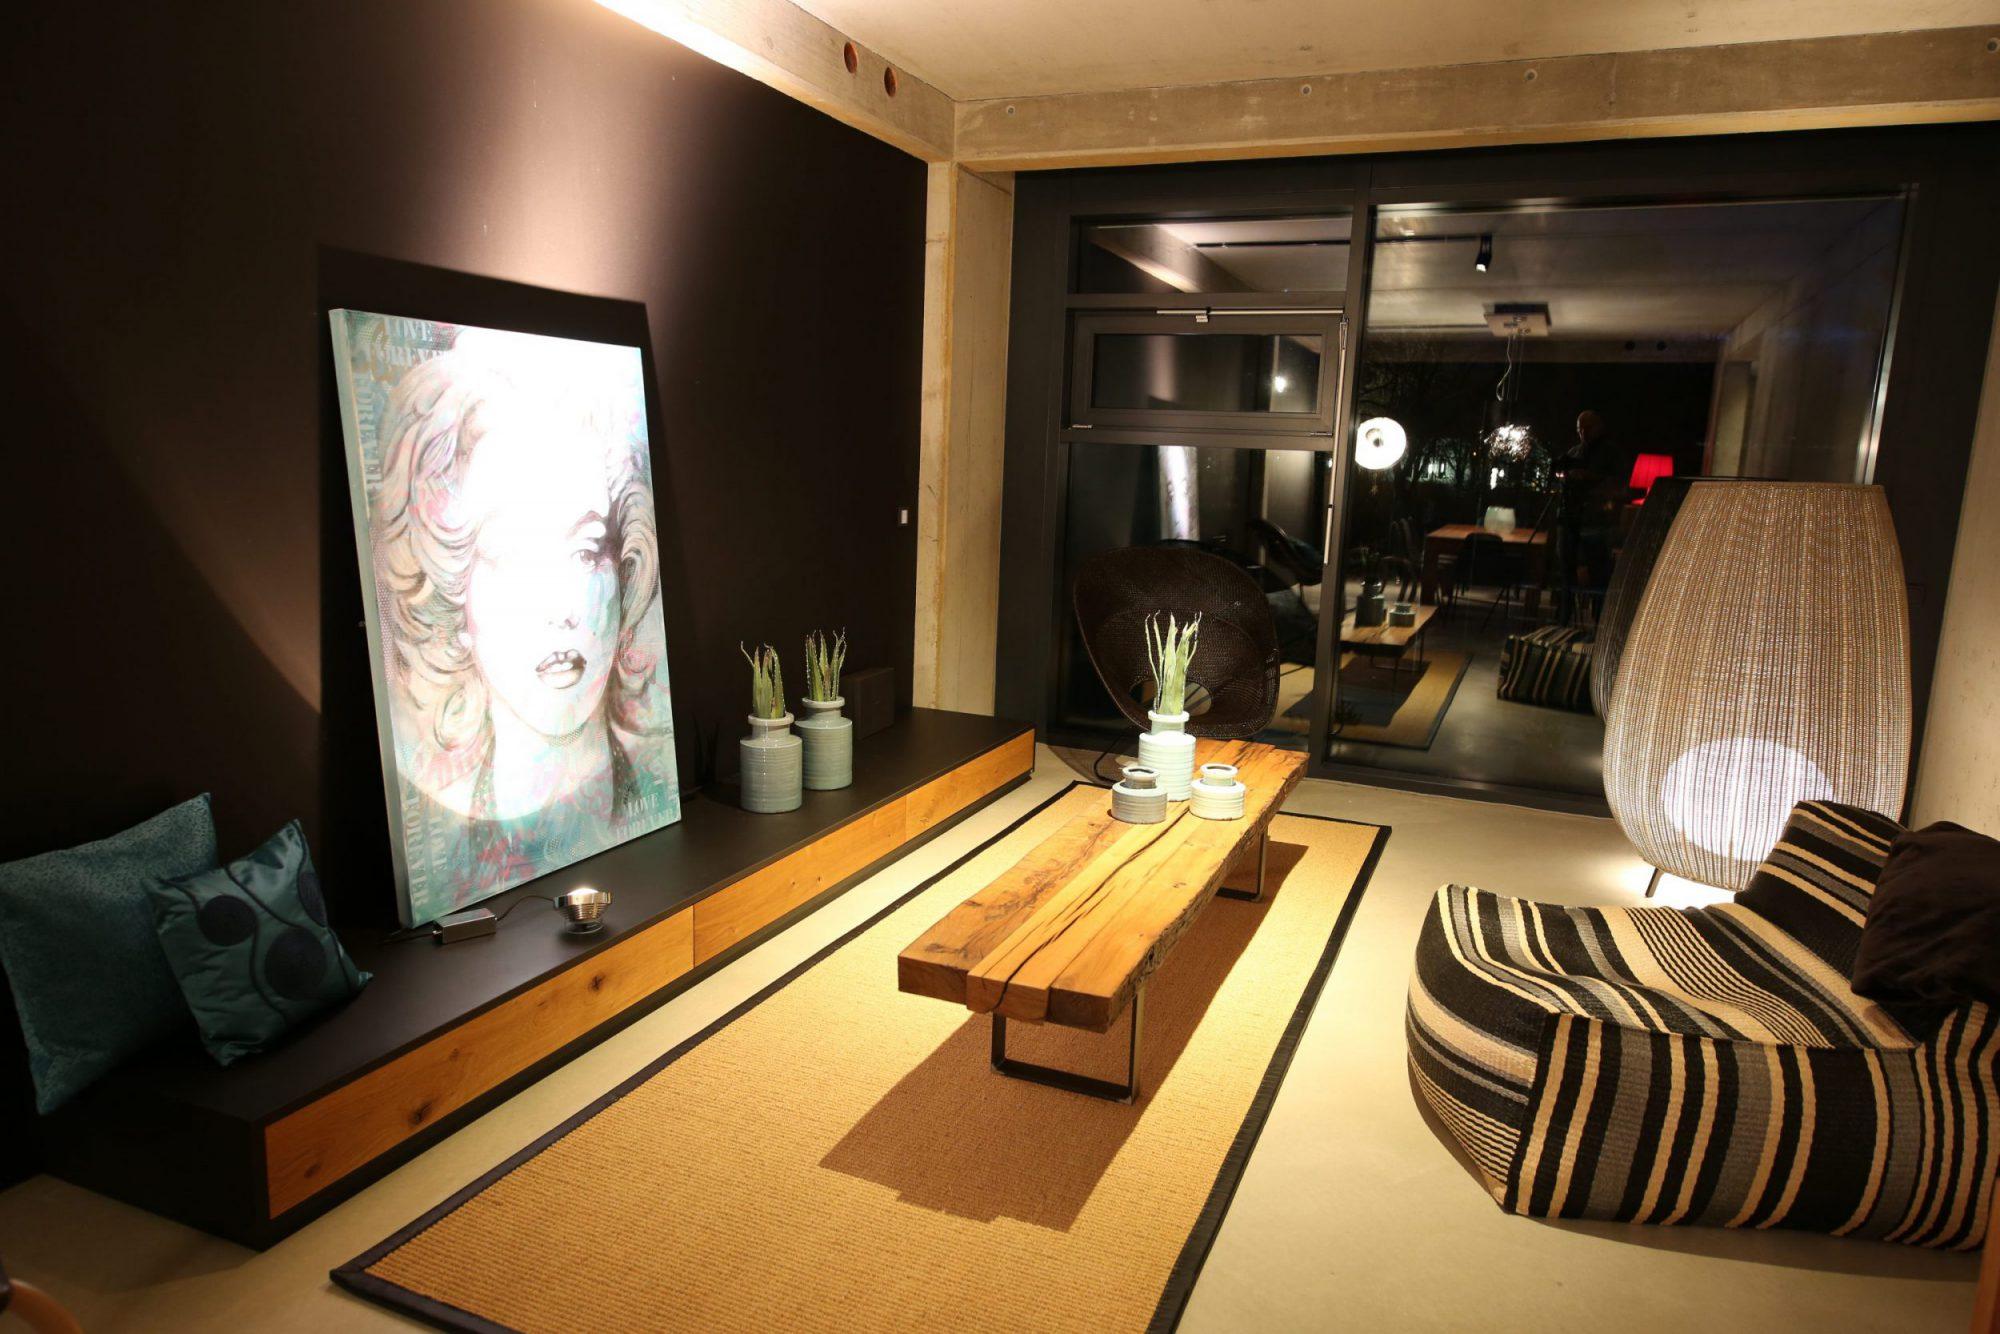 Wohnzimmertisch aus Altholz (Eiche) | Teppich aus Kokosfaser in Echtledereinfassung